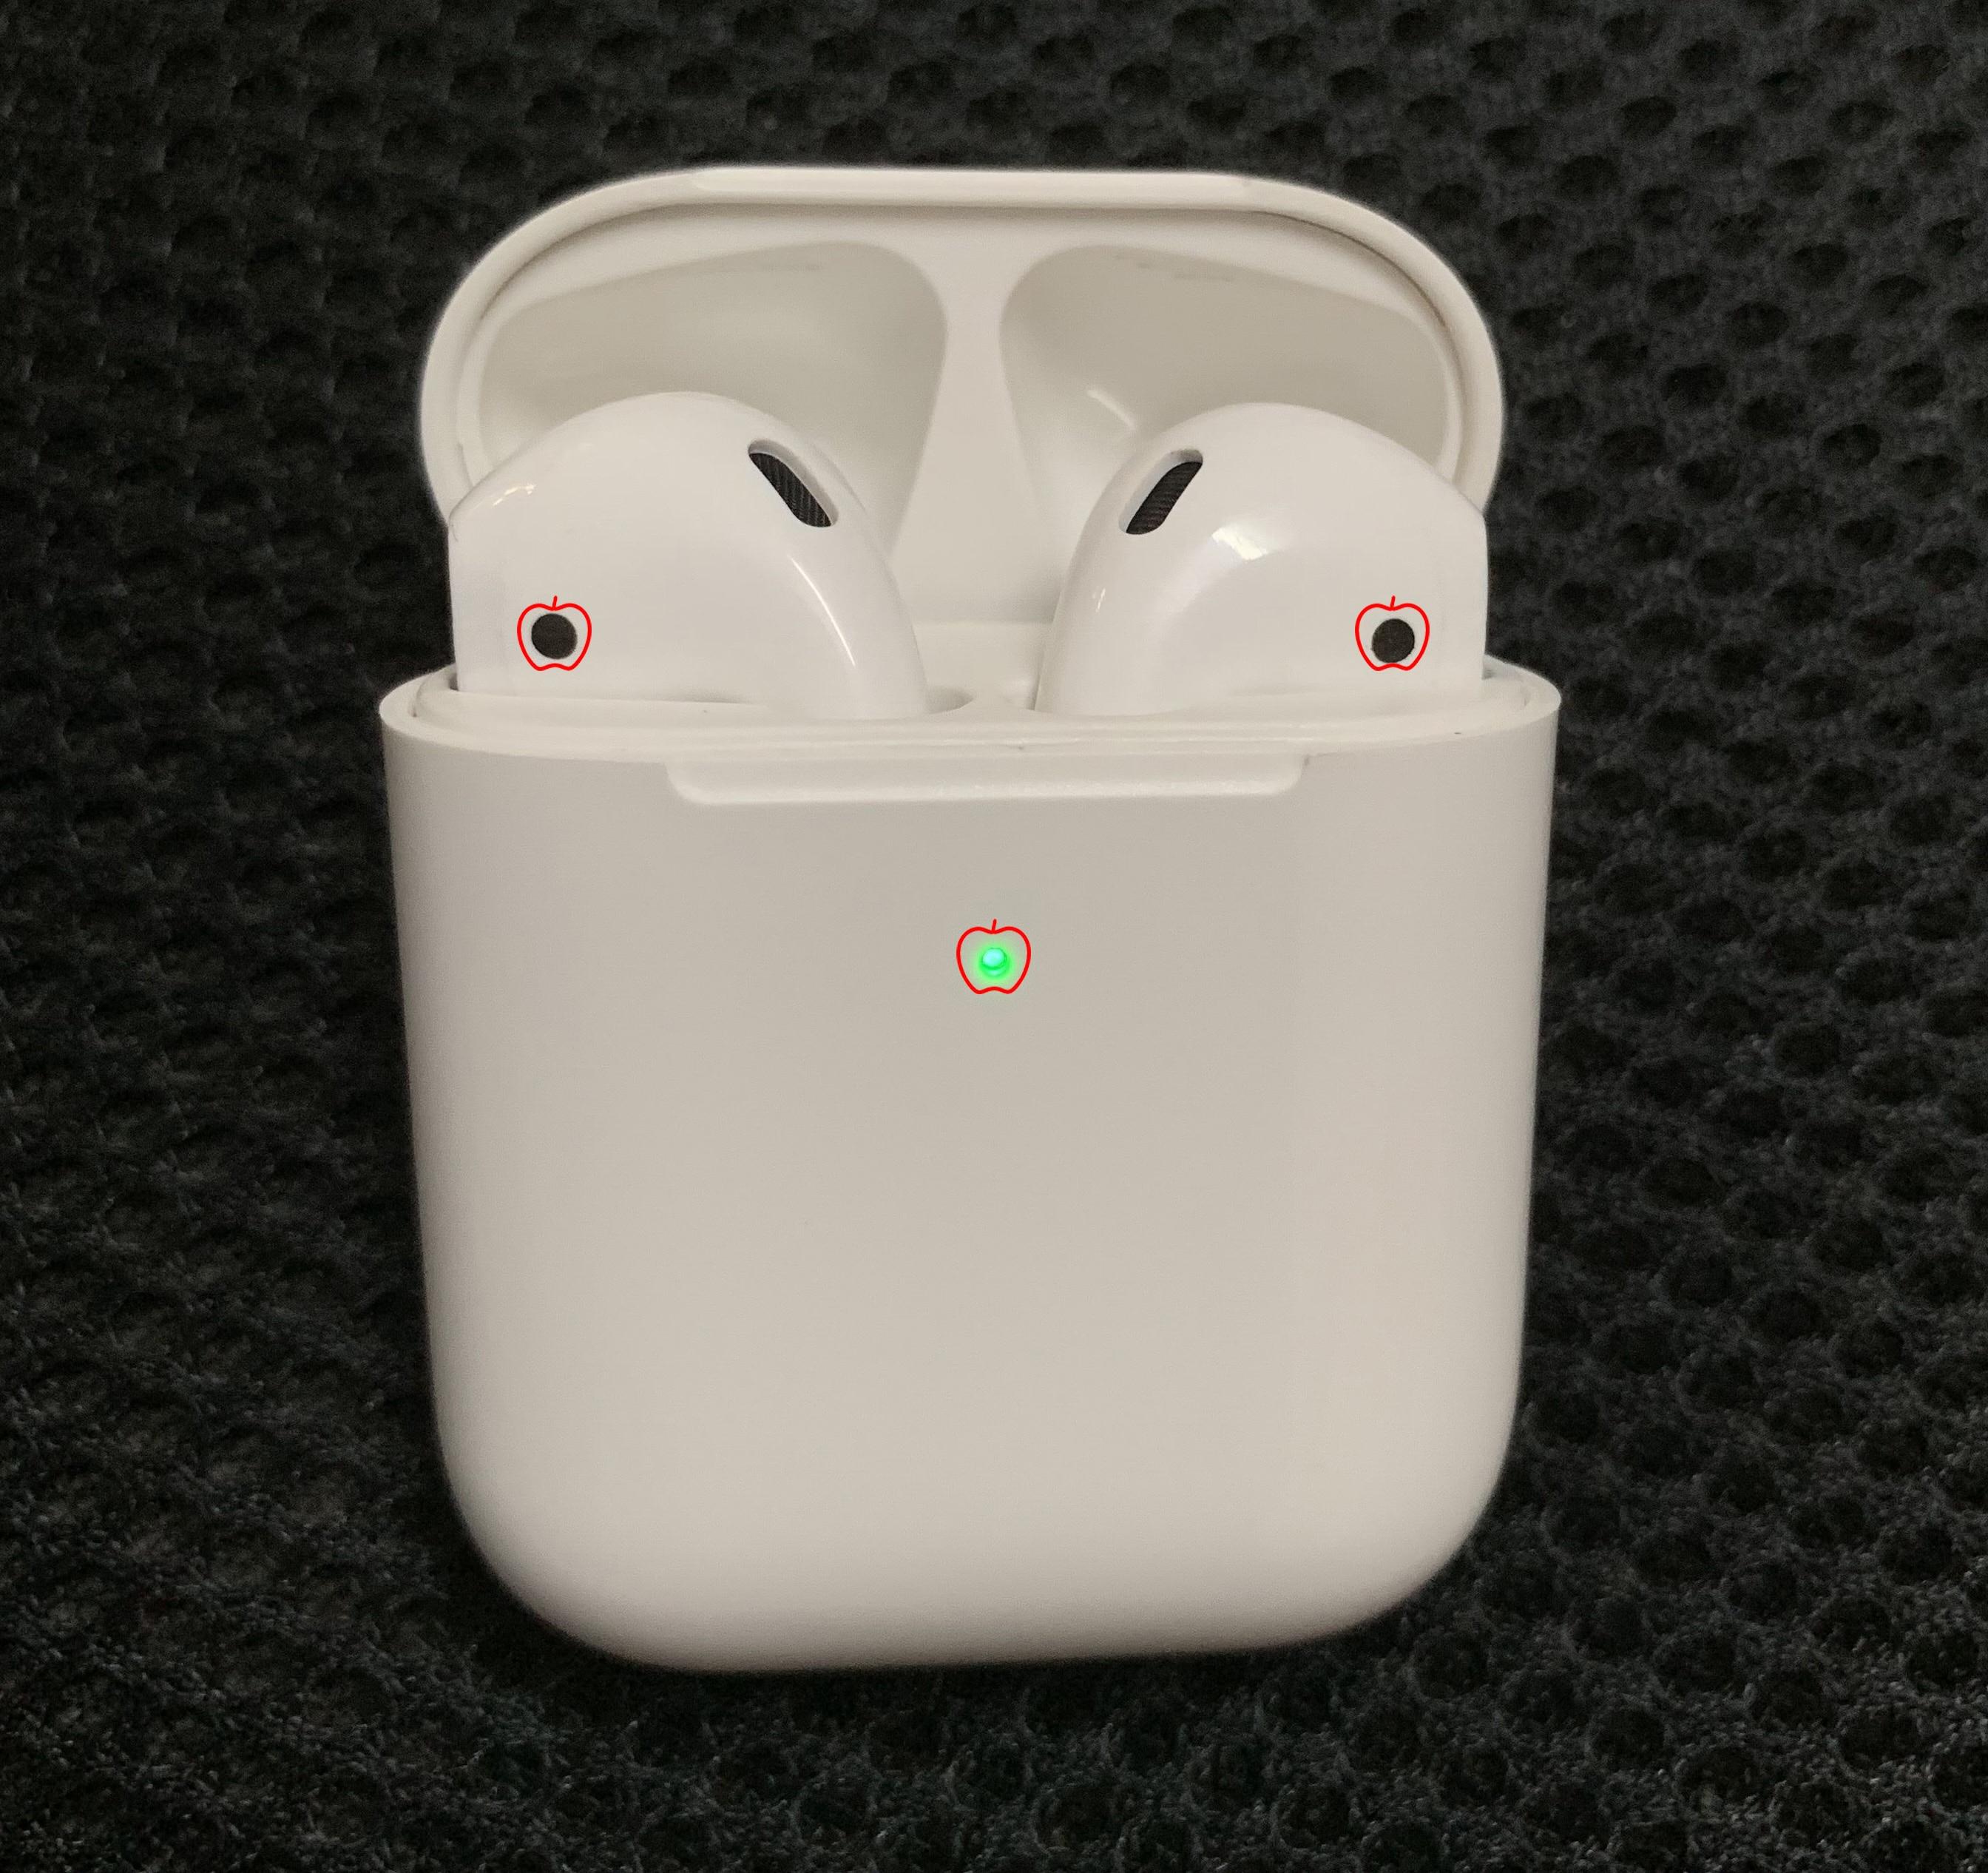 Nouveau 1:1 taille 2st generat sans fil écouteur bluetooth casque sans fil charge avec W1 puce animée fenêtres popup